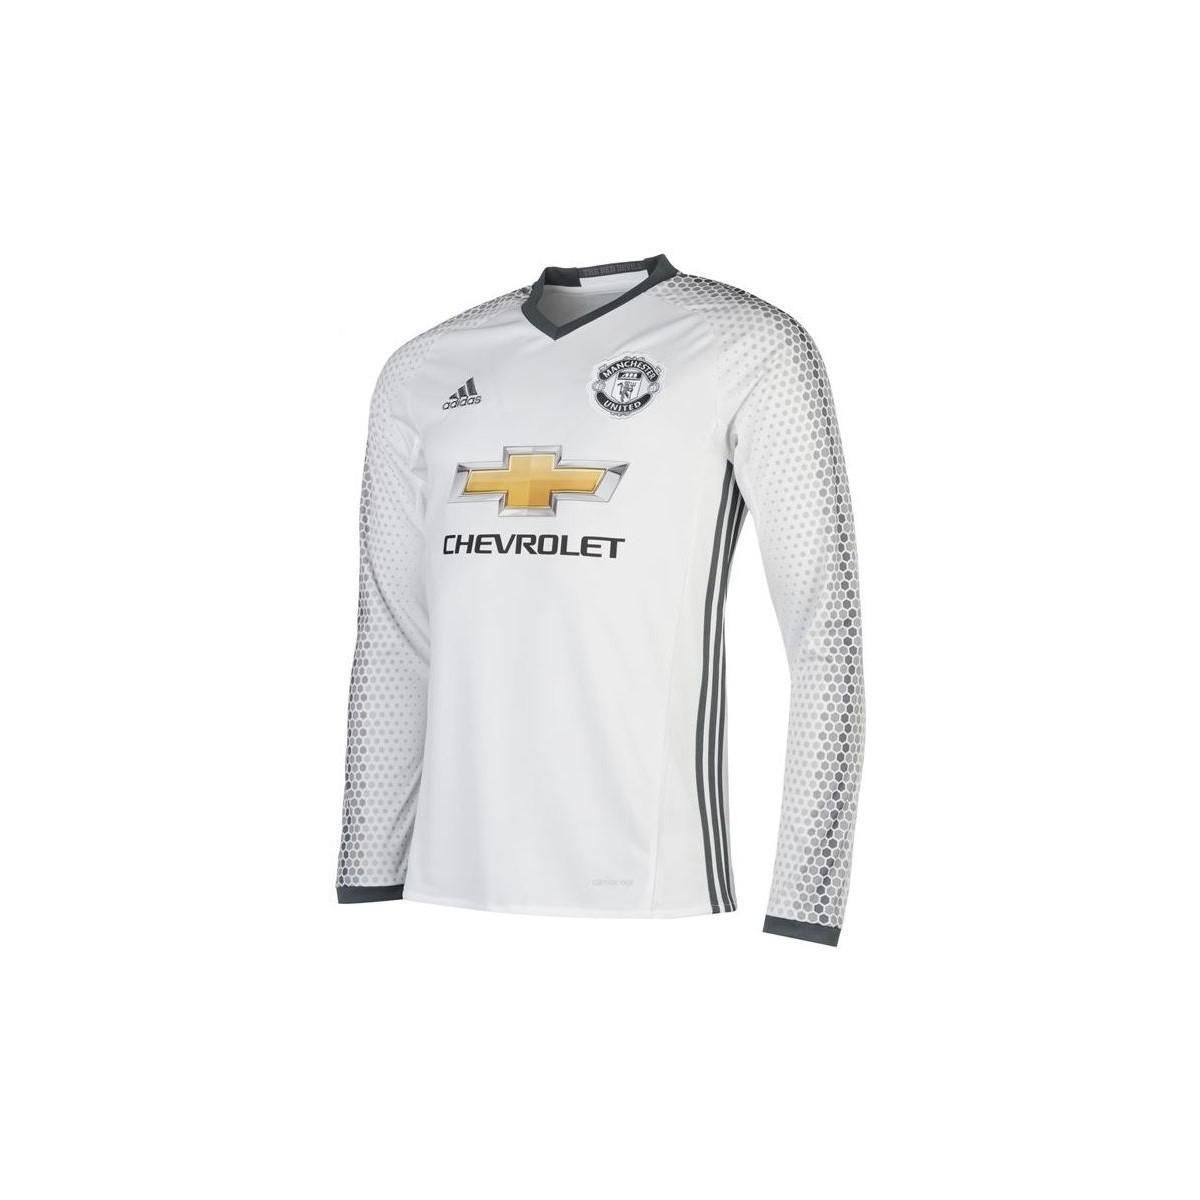 6f6b9e4794e Adidas 2016-17 Man United Third Shirt (rashford 19) - Kids Women s ...